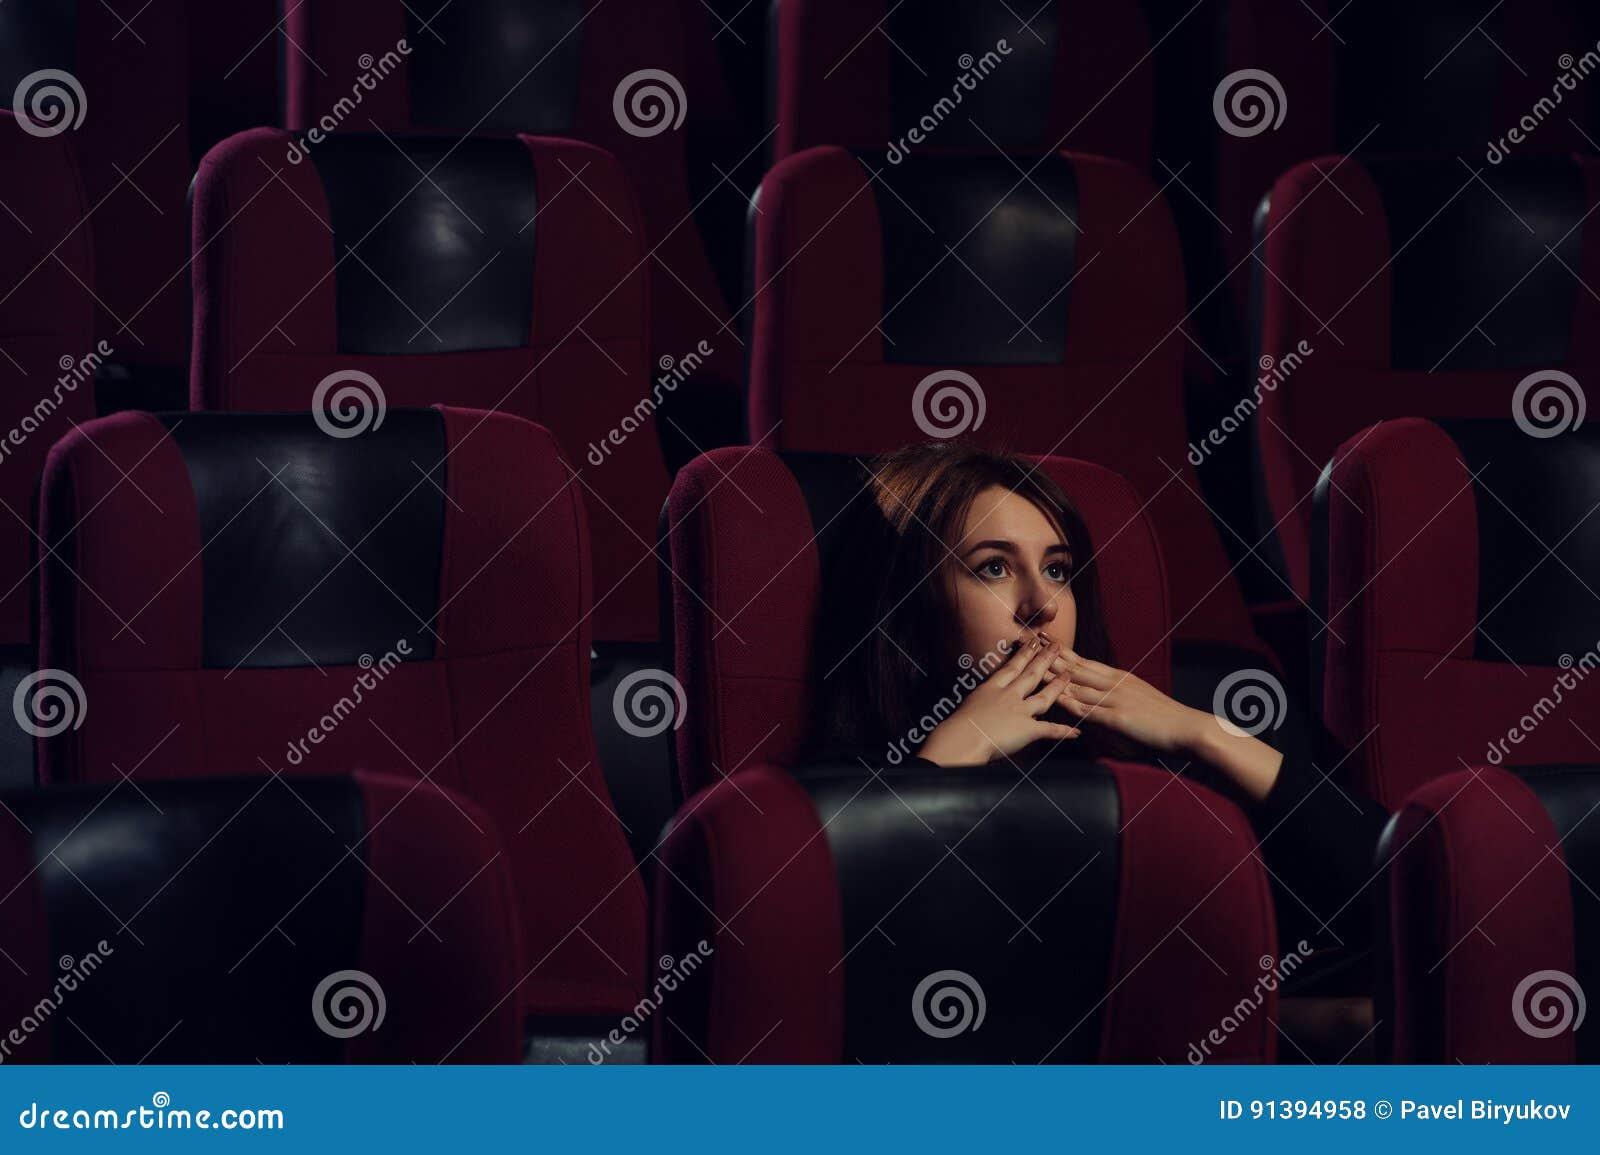 Как говорить с девушкой в кино